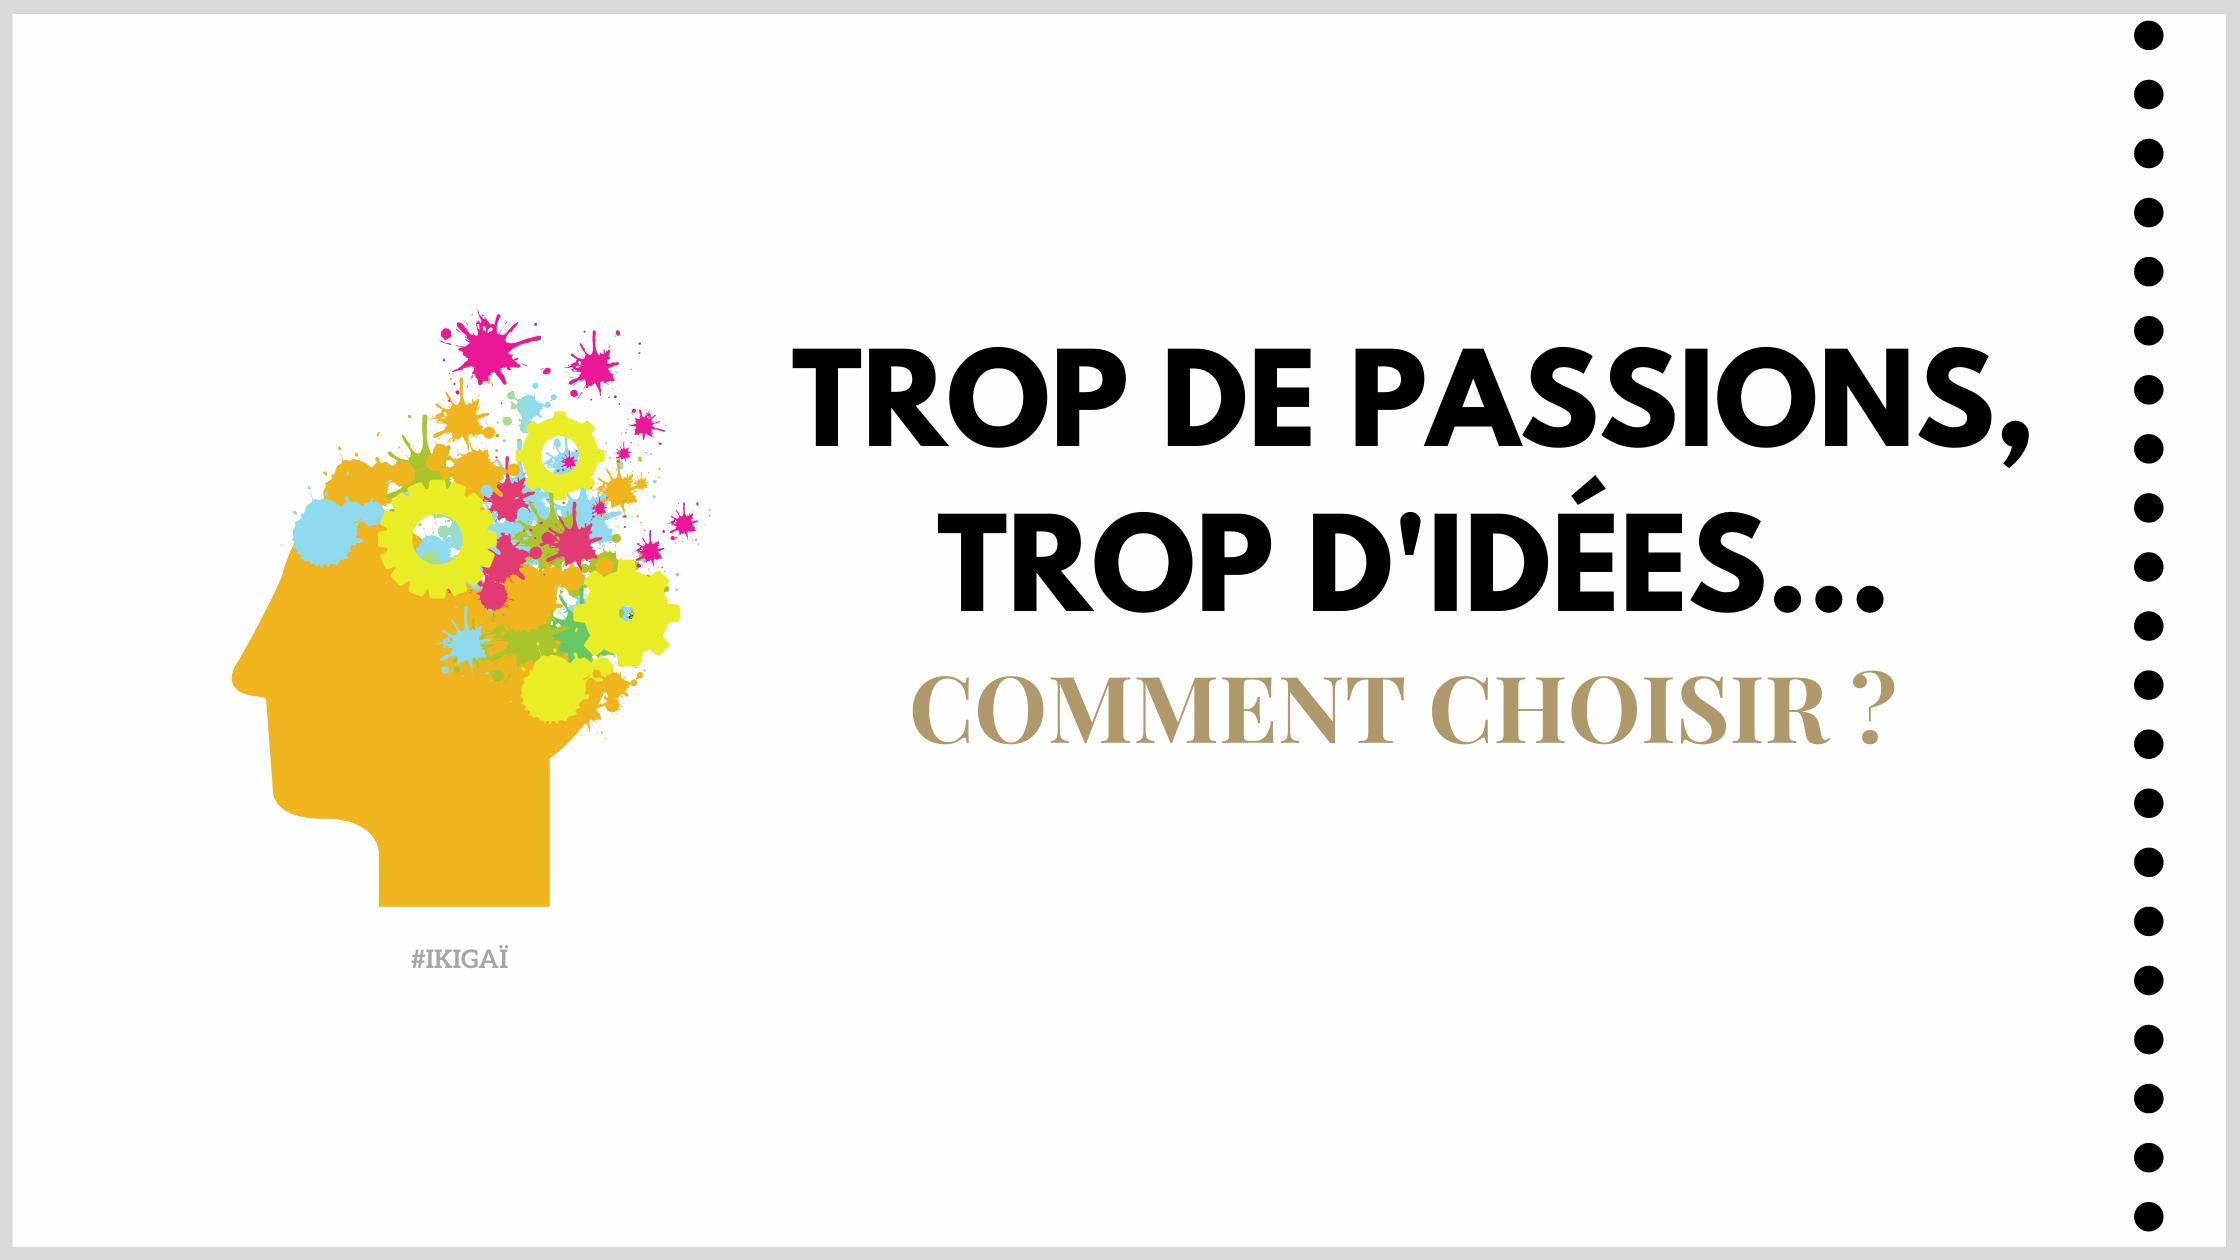 Trop de passions, trop d'idées: comment choisir?